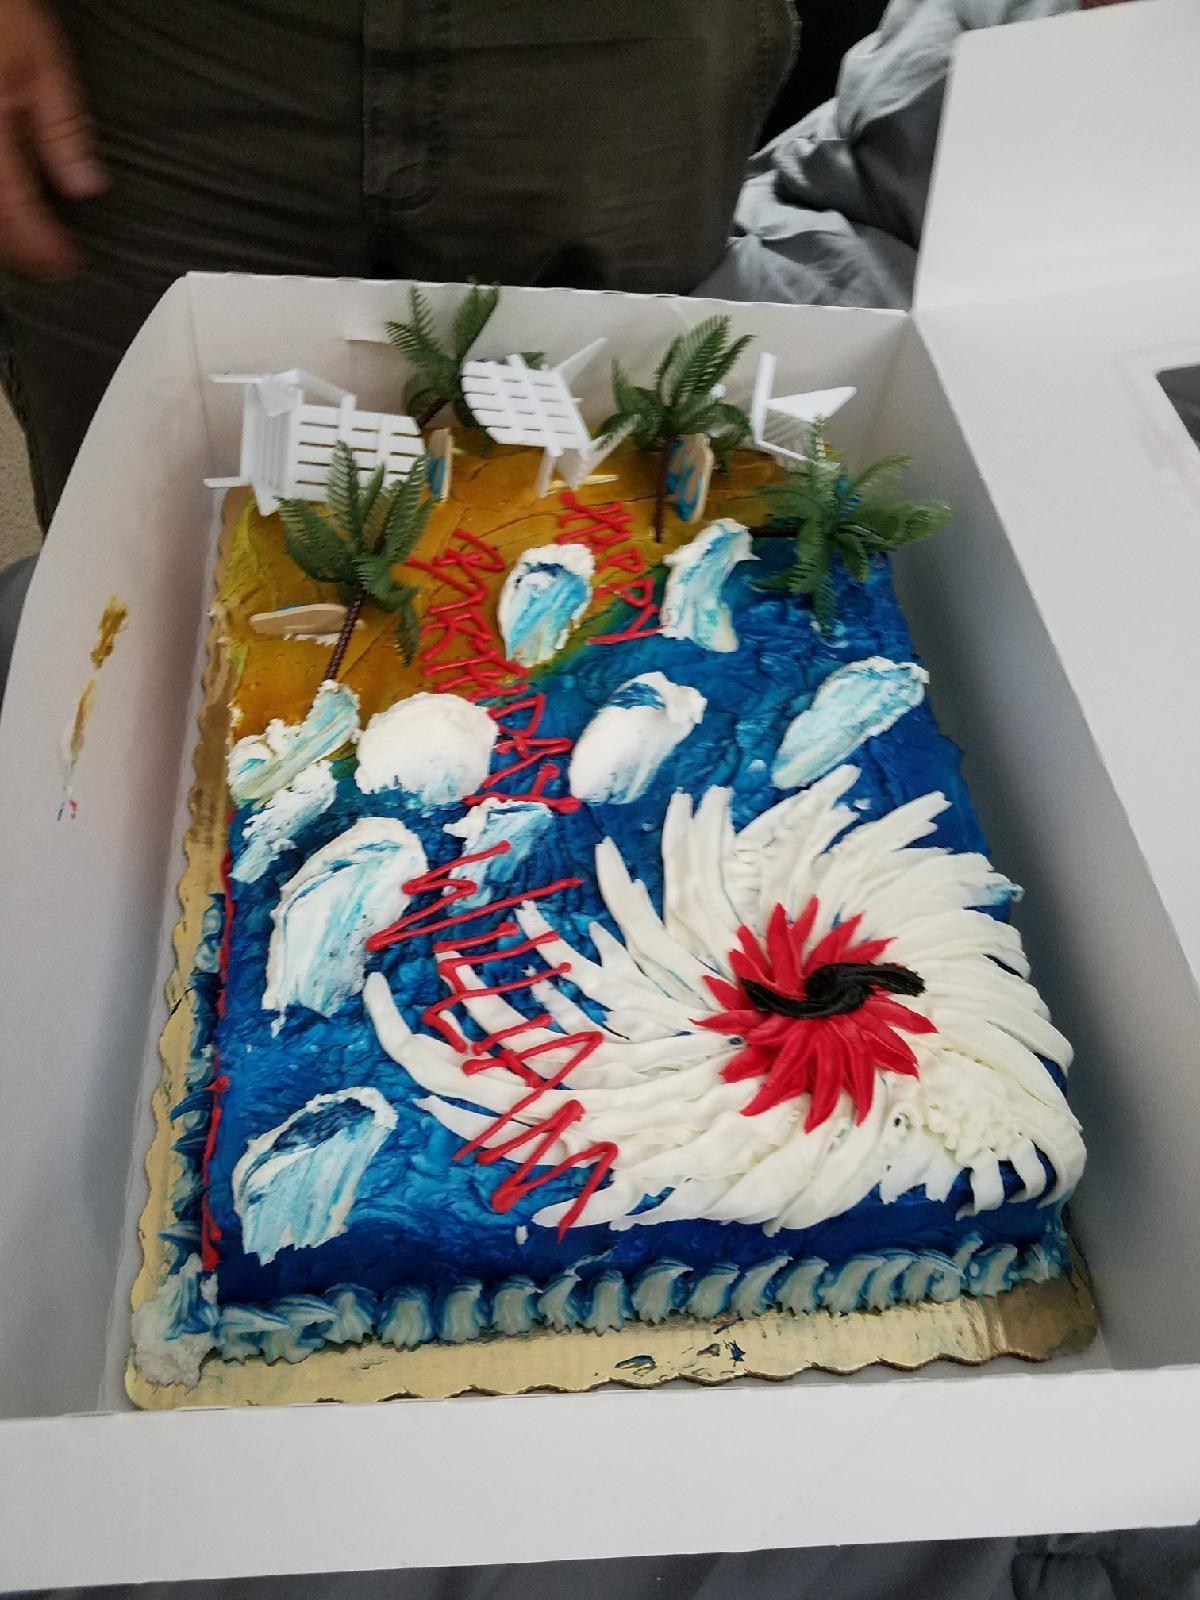 Hurricane Irma Birthday Cake